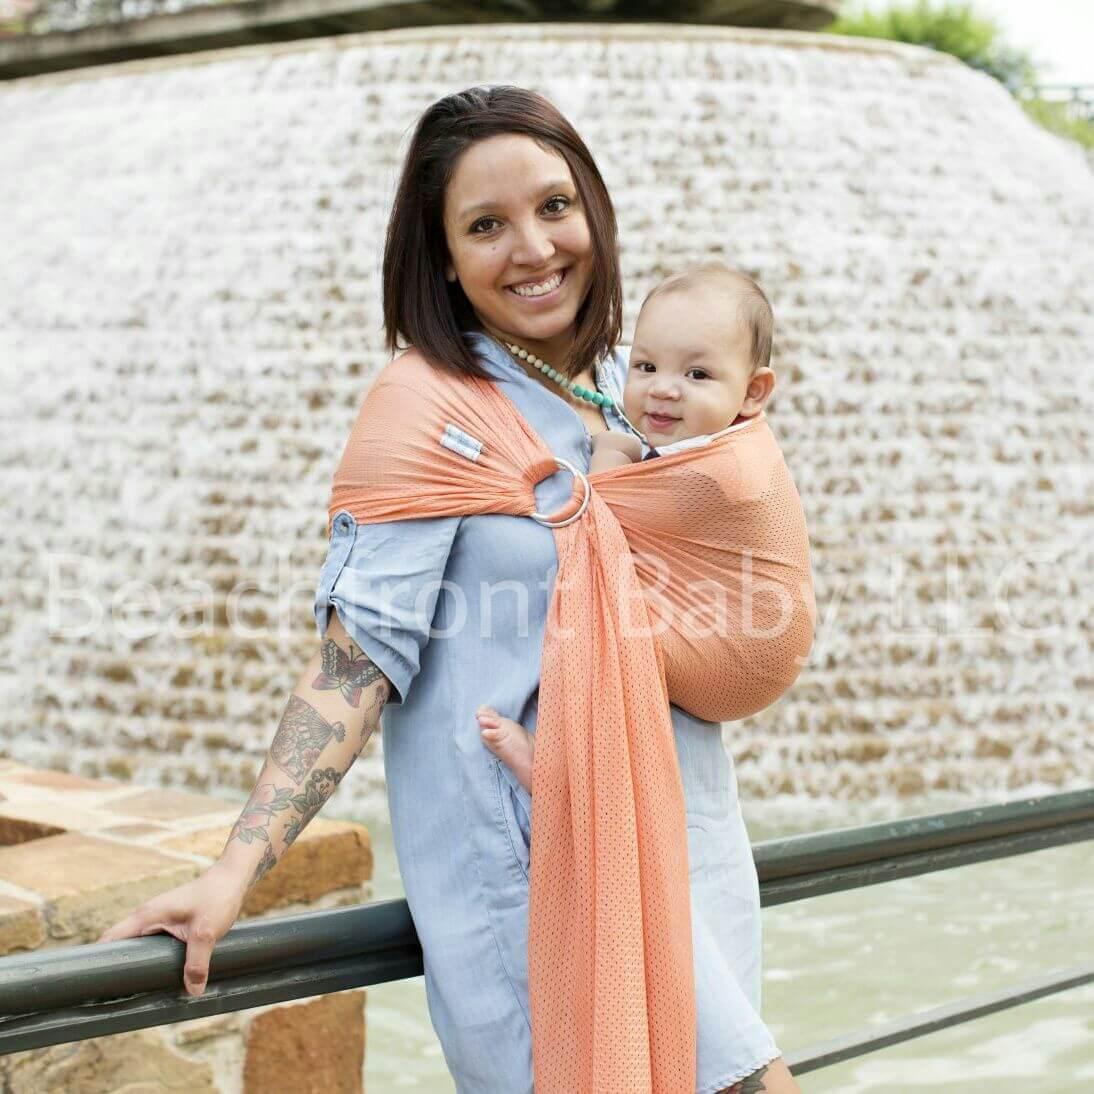 d971323adb5 Petite Beachfront Baby Sling – Beachfront Baby- Versatile Baby Carriers